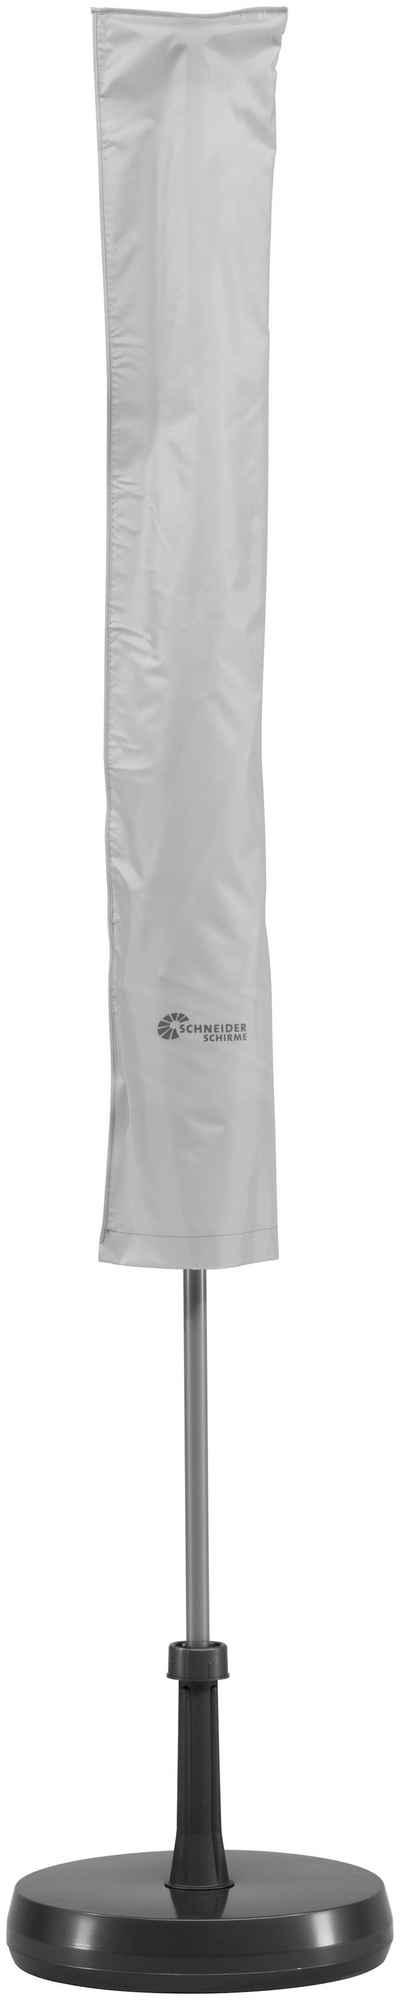 Schneider Schirme Schutzplane »817-00«, für Schirme bis Ø 200 cm